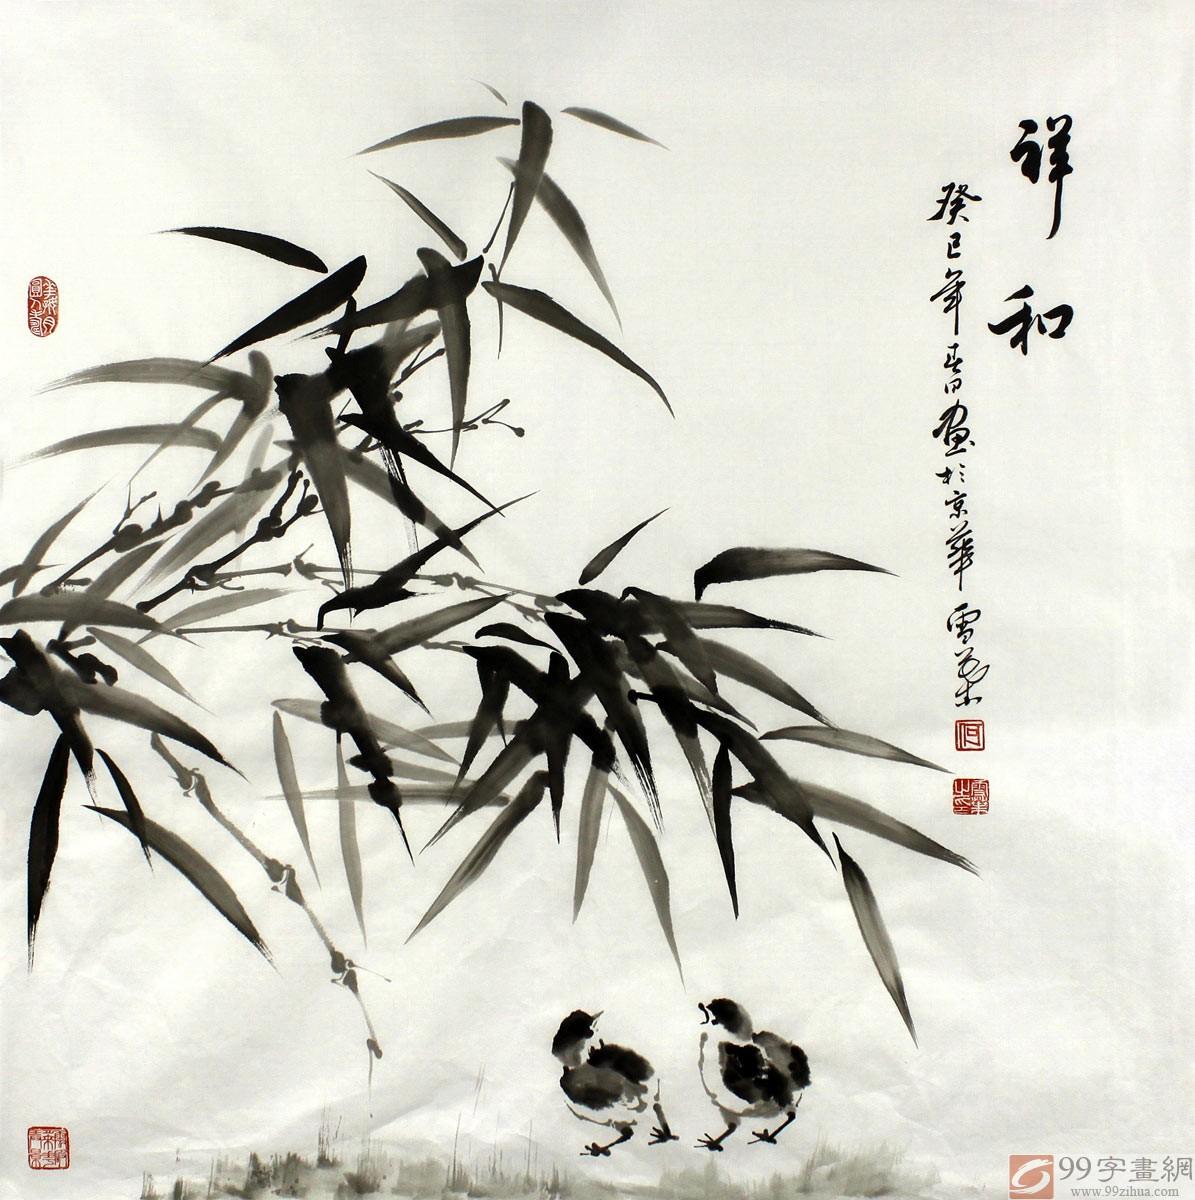 何华贤水墨写意竹子祥和 - 竹子画 - 99字画网图片